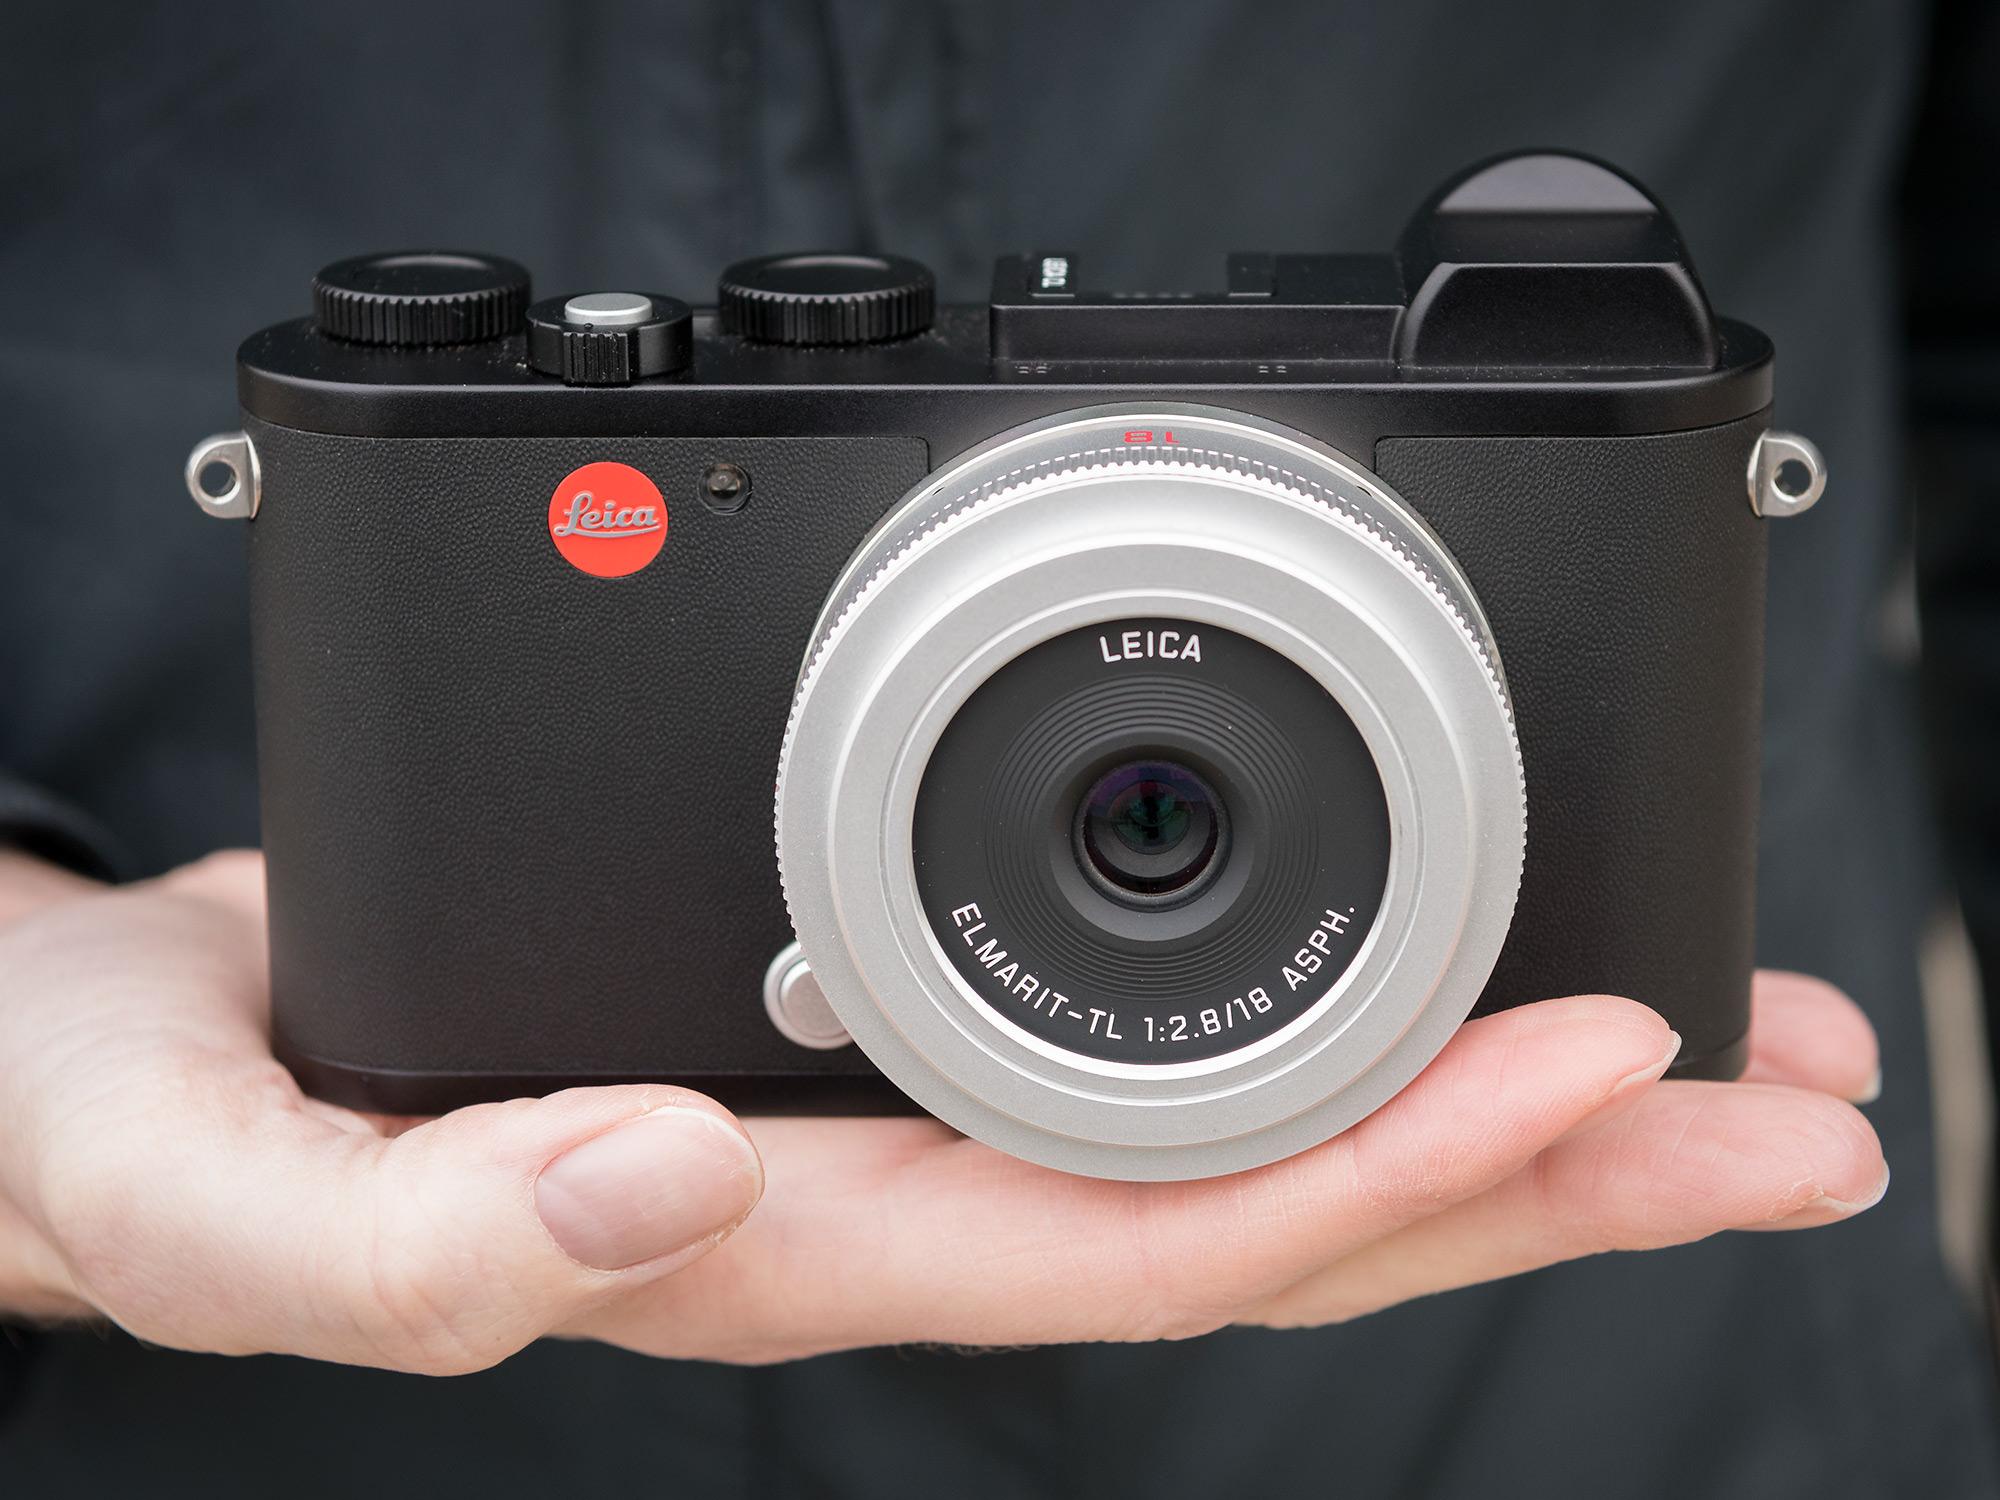 Обзор Leica CL и блинчик 18mm F/2.8